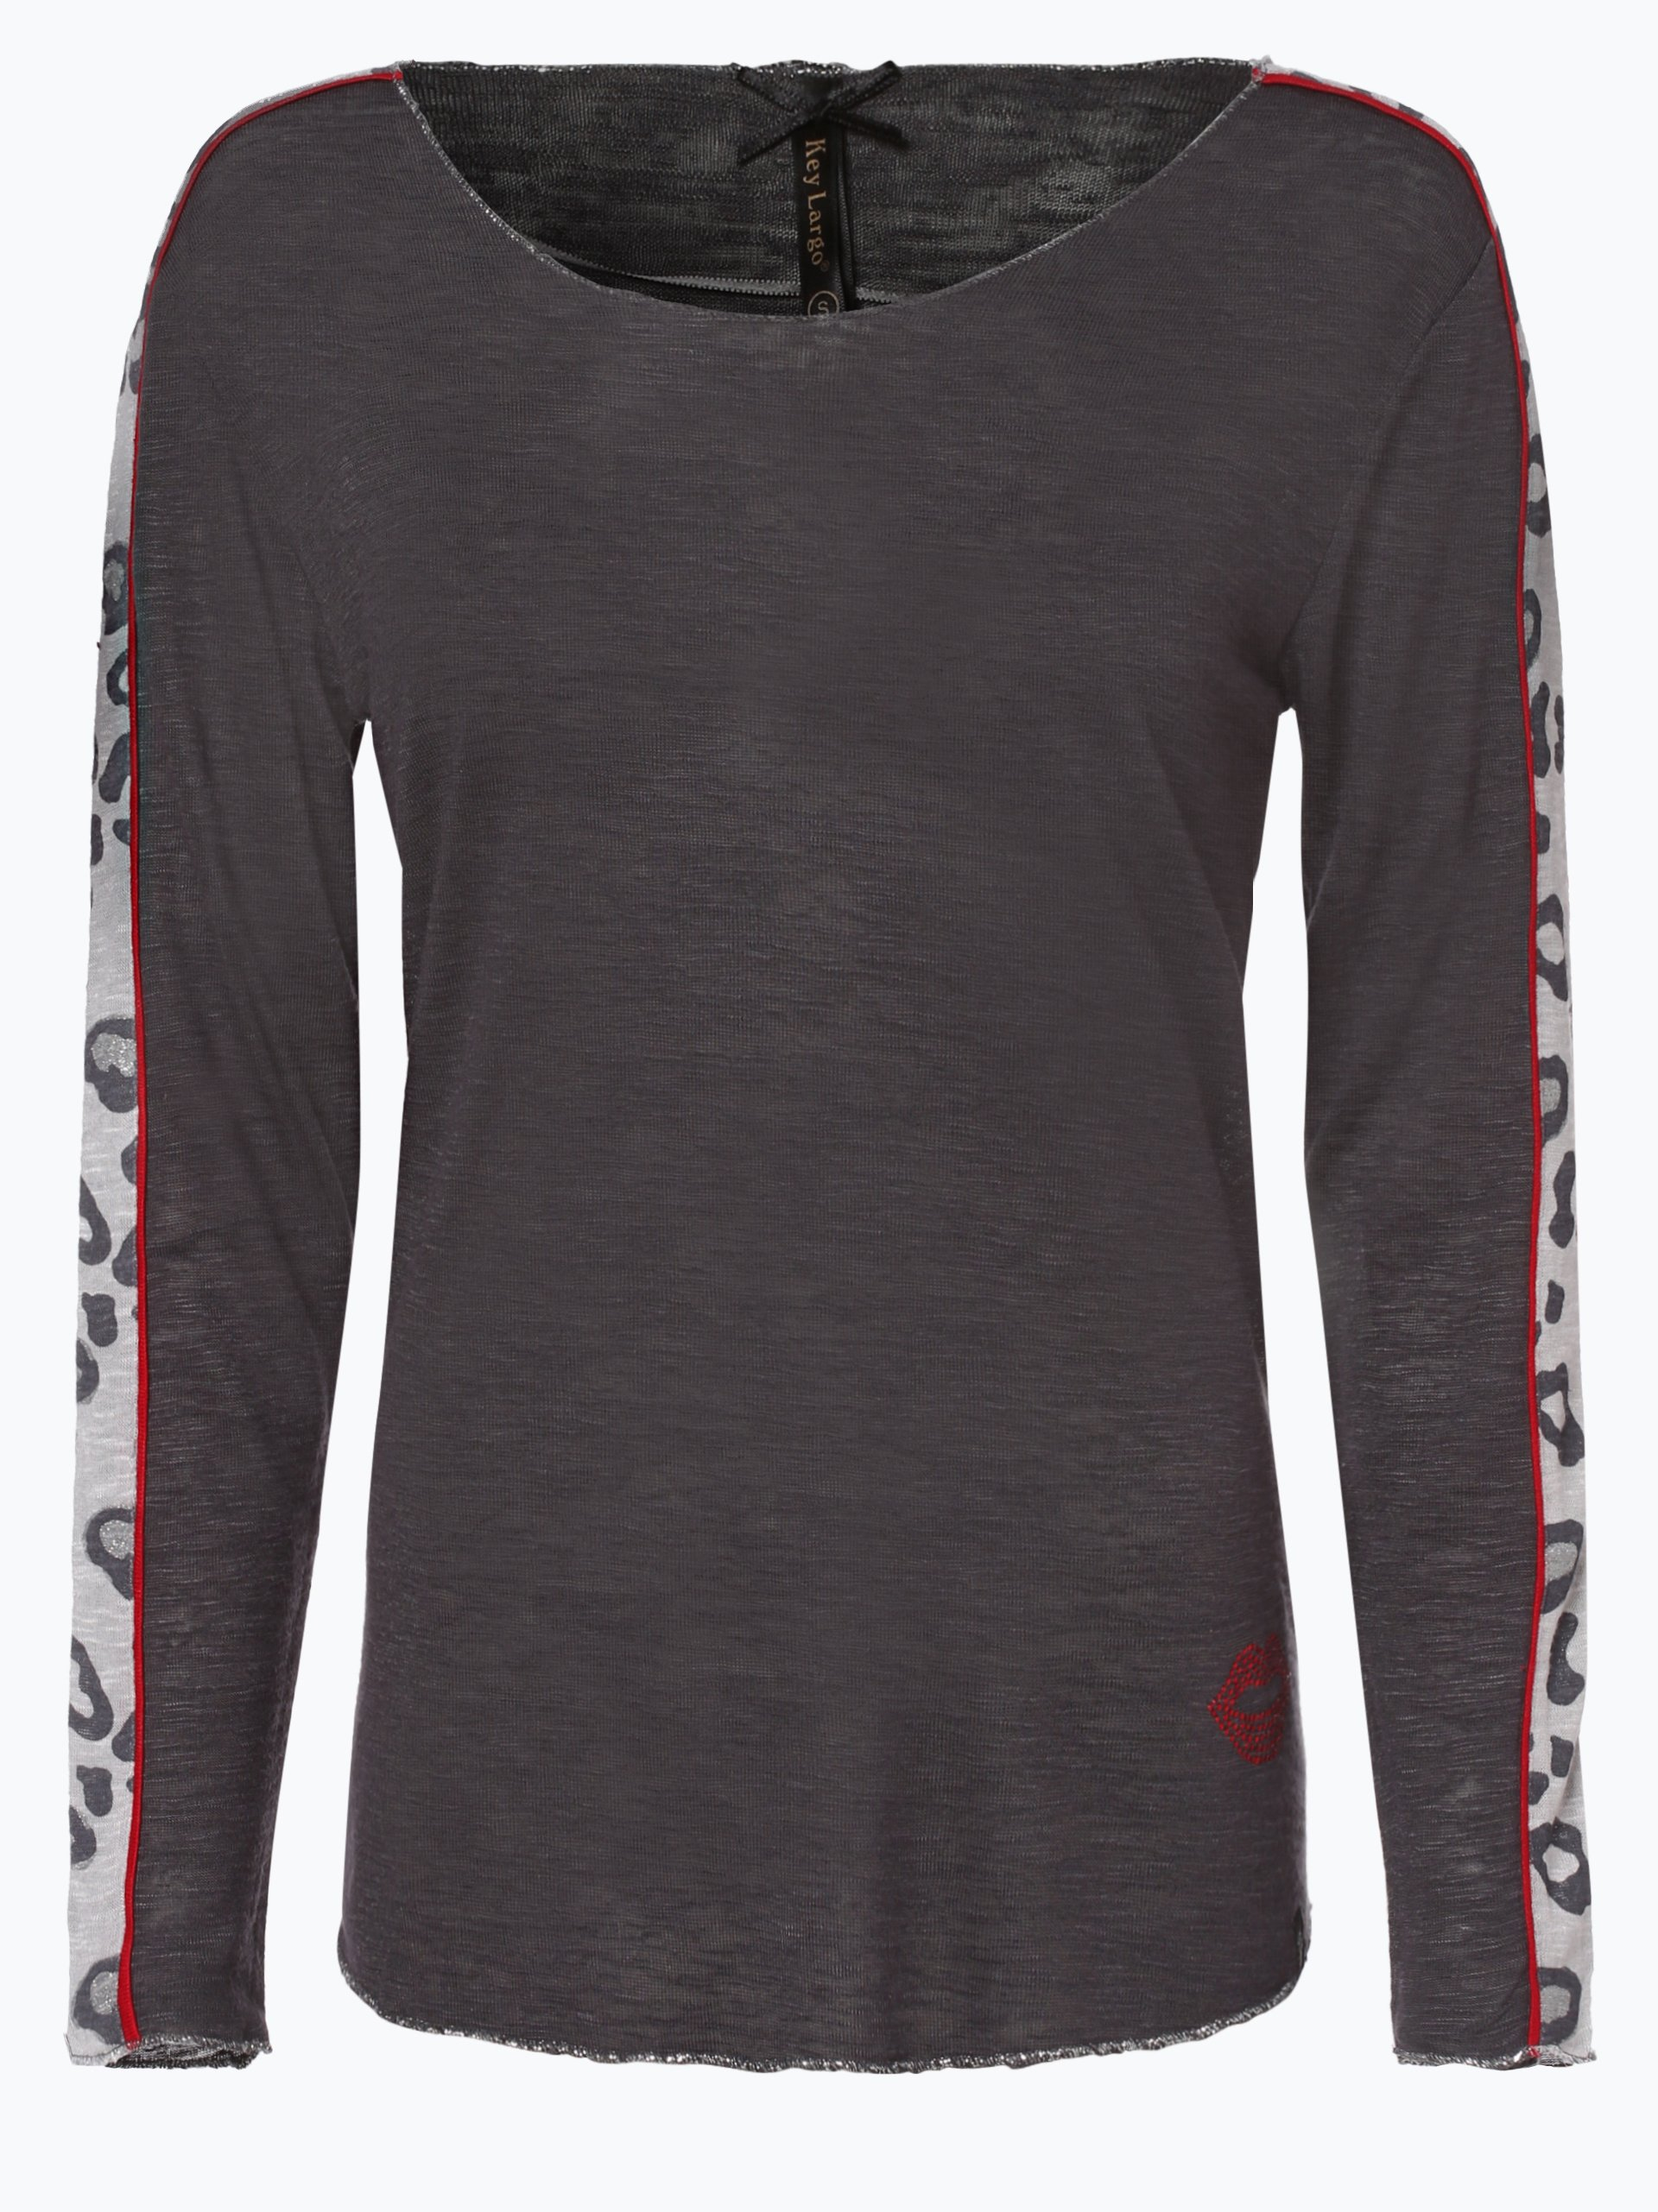 Key Largo Damen Langarmshirt